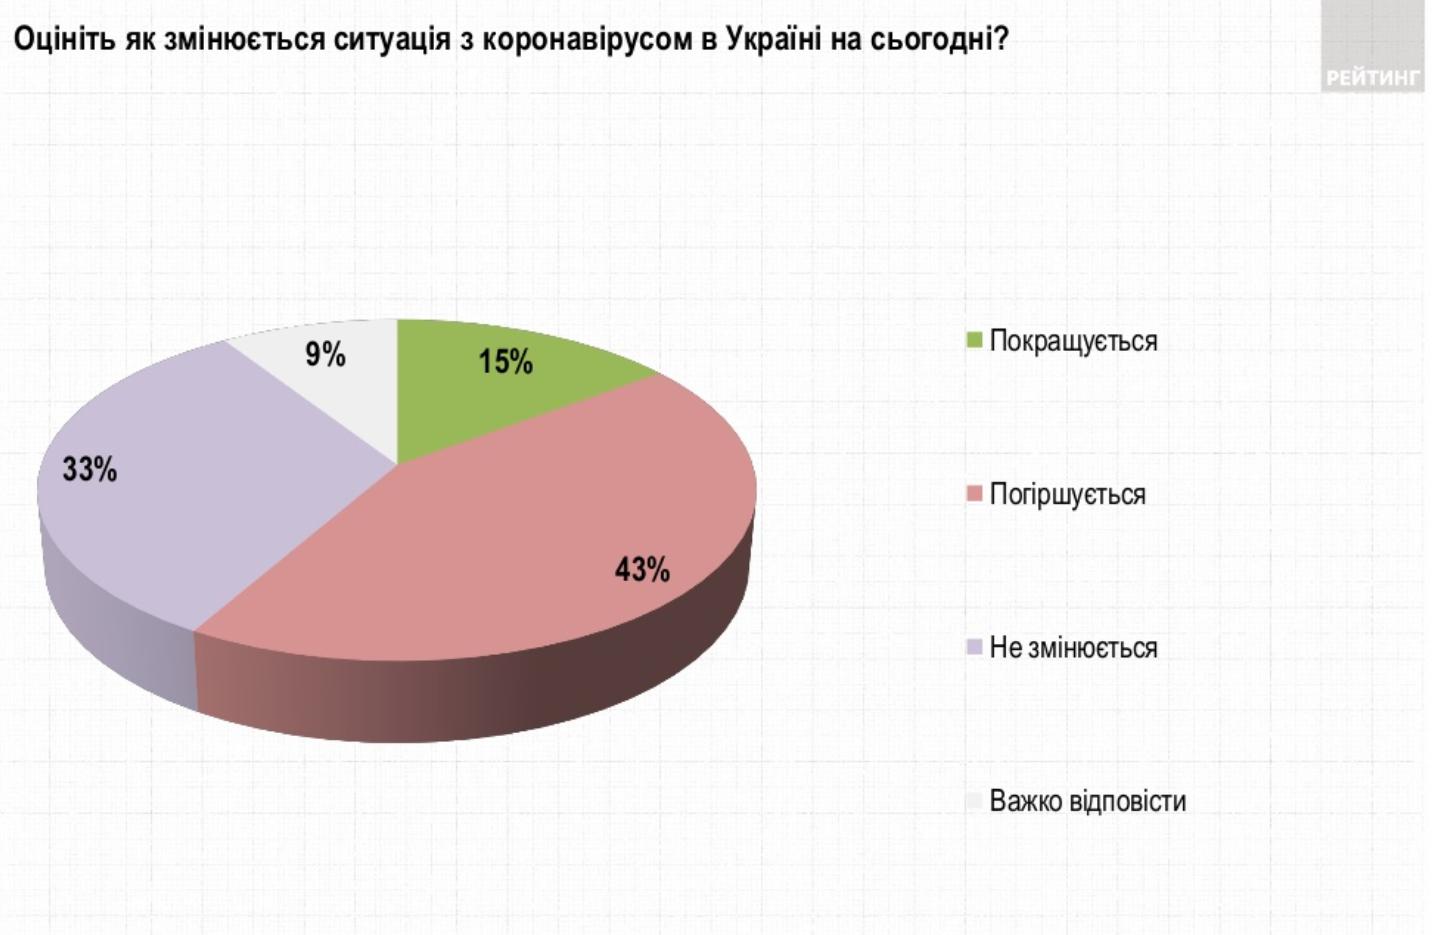 Опрос: Как изменилась ситуация с коронавирусом в Украине